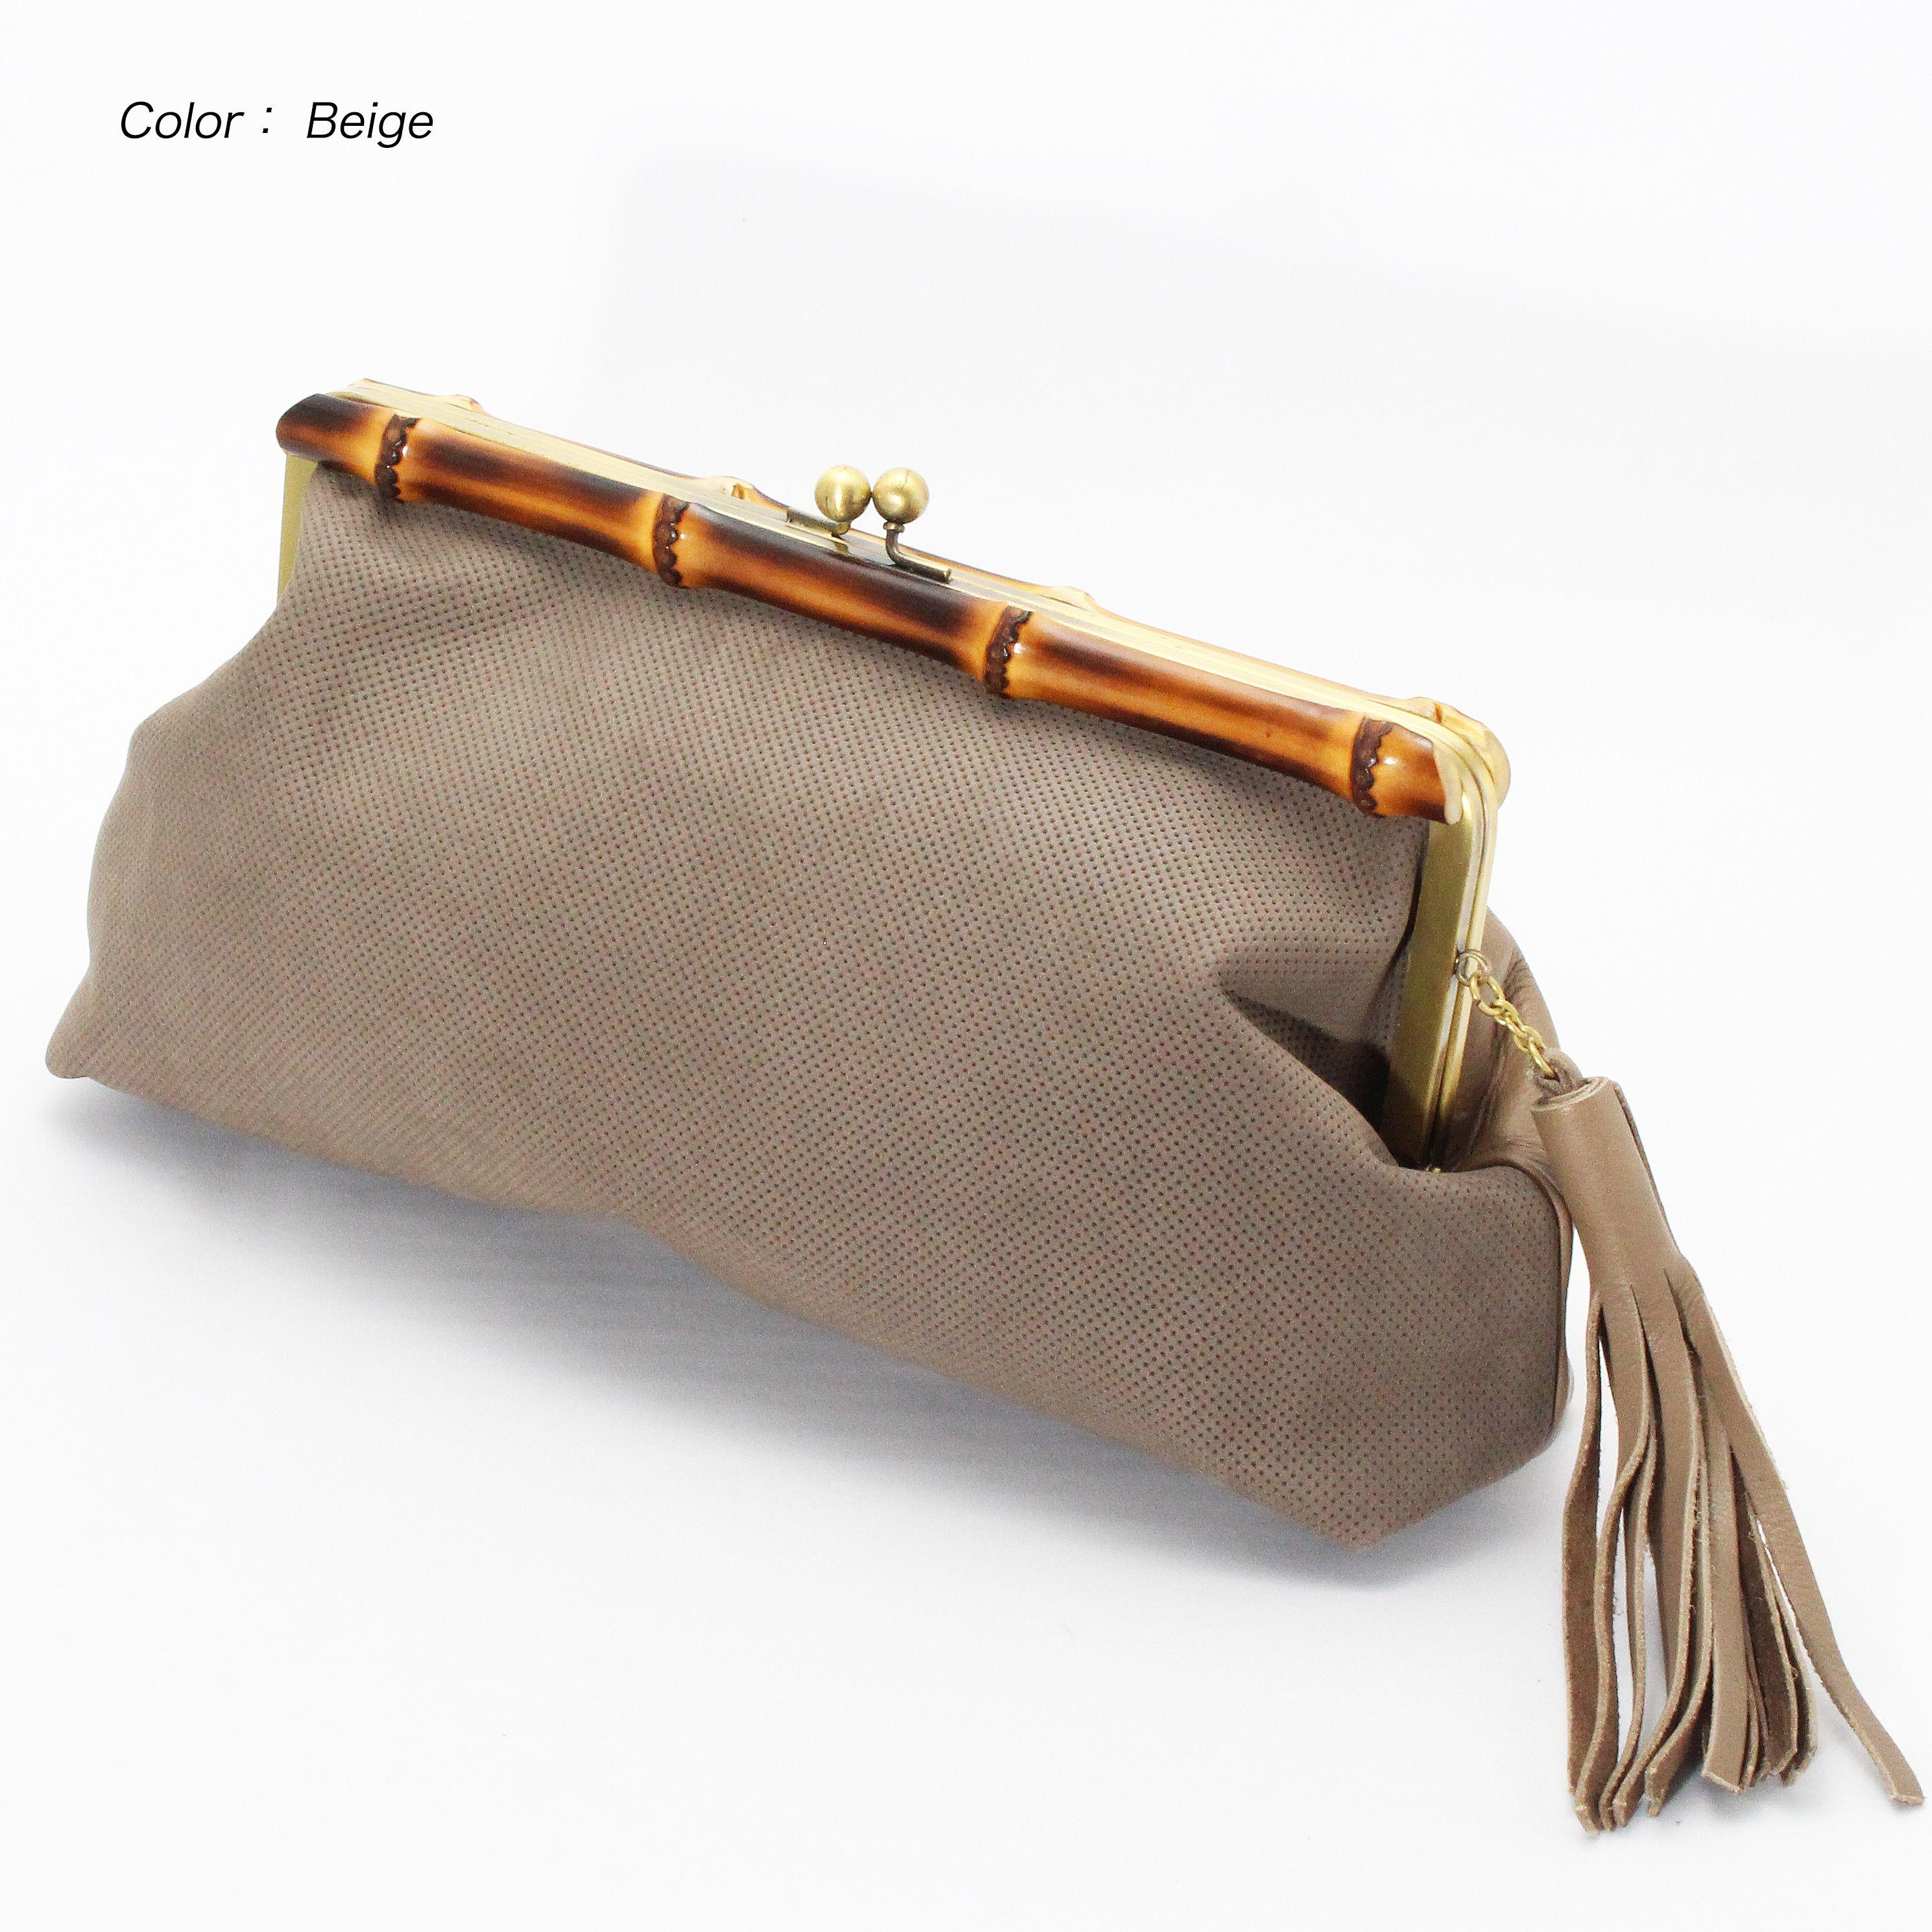 【1métre carrè(アンメートルキャレ)/FB50232】 シープの柔らかさを表現し、素上げ感を残した革と、パンチング風型押ししたヌバッグの異素材の組み合わせ(≧∇≦)♪ 風合も良く、使えば使うほどに良く馴染み、革の色の変化を楽しめますよ♪(´ε` ) 商品ページはこちら http://www.hecrou-online-store.com/?pid=102464191